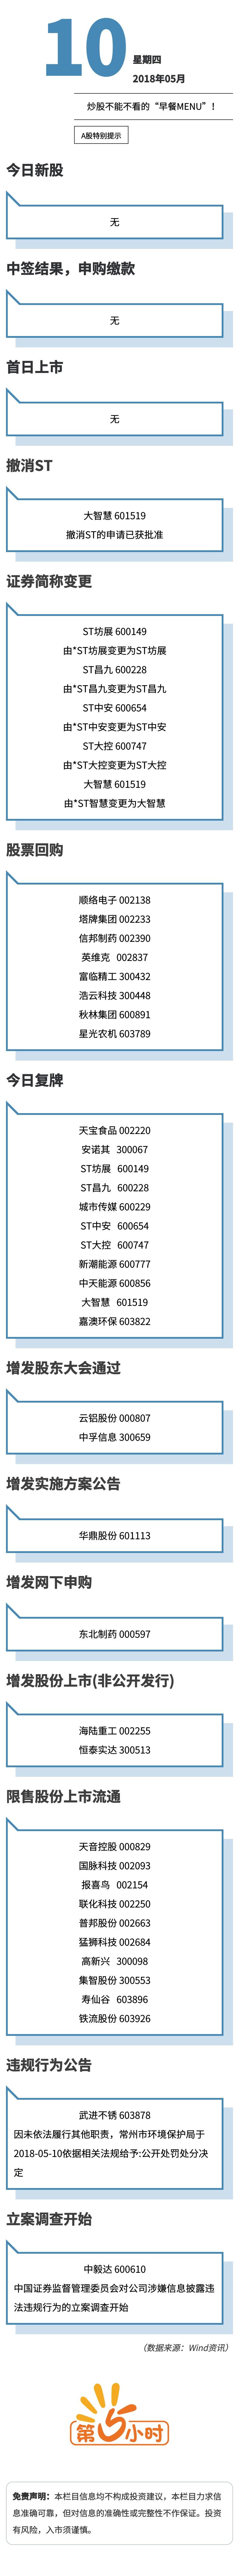 A股特别提示(2018-05-10).jpg